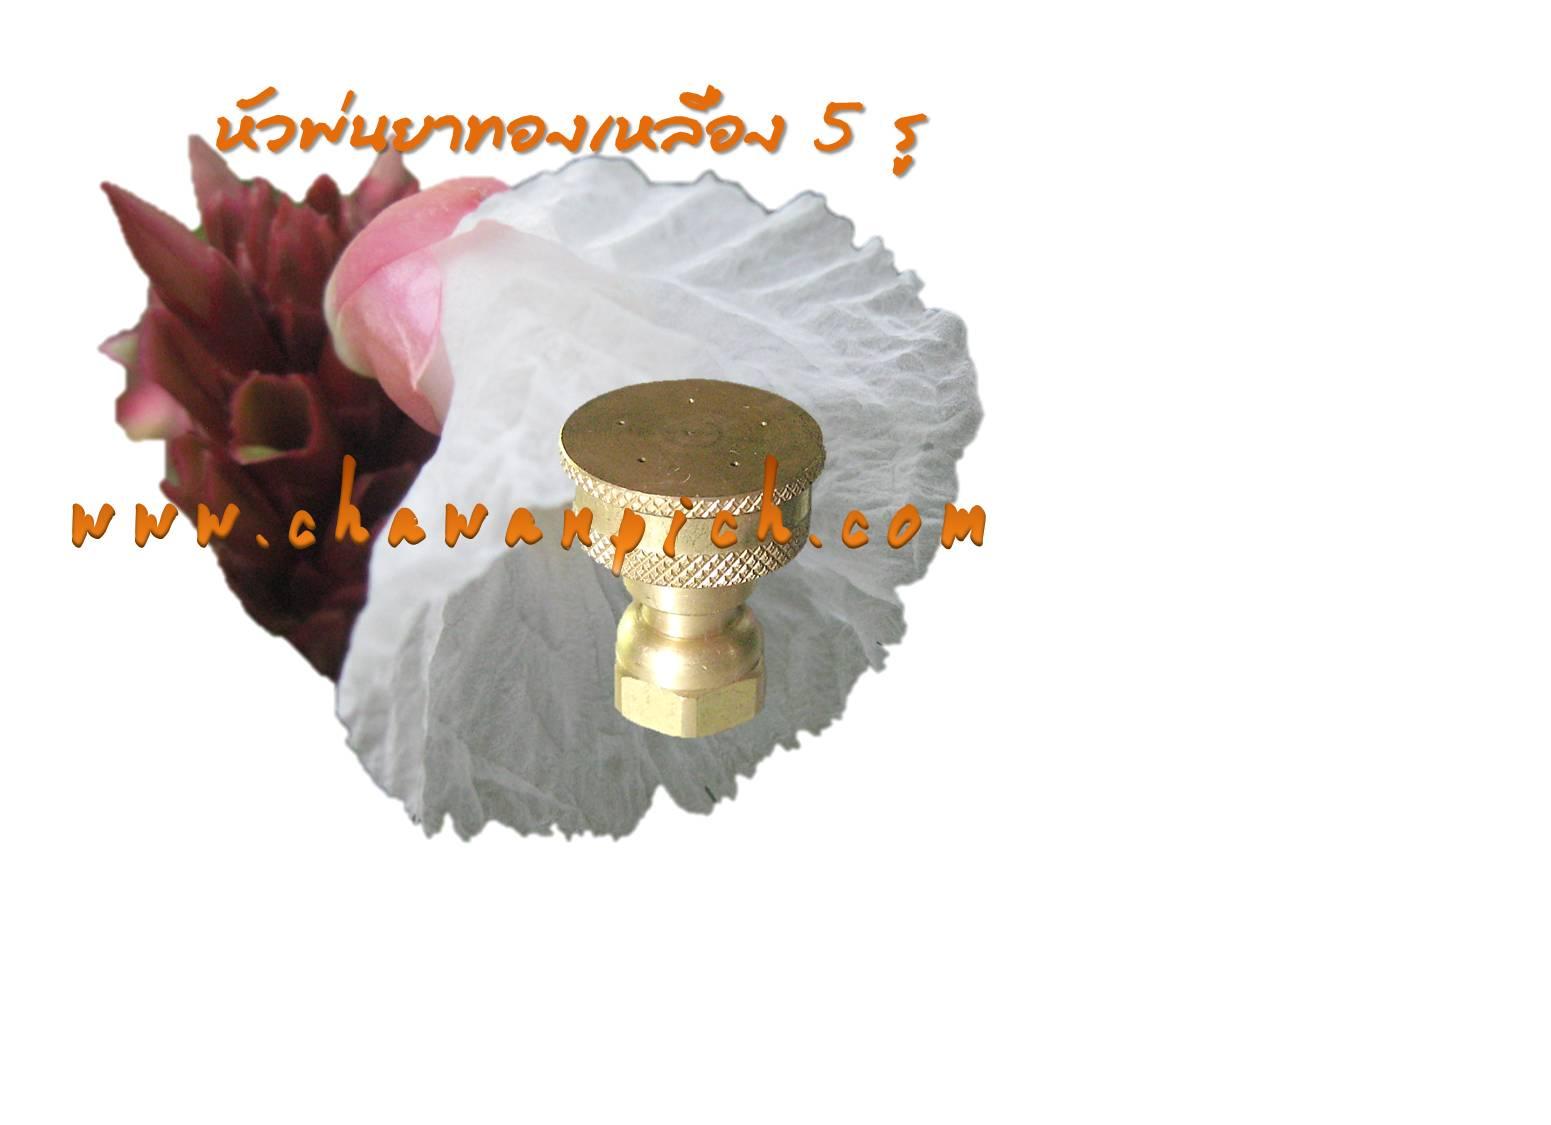 หัวพ่นยาทองเหลือง 5 รู รุ่นมาตราฐาน (Clip)